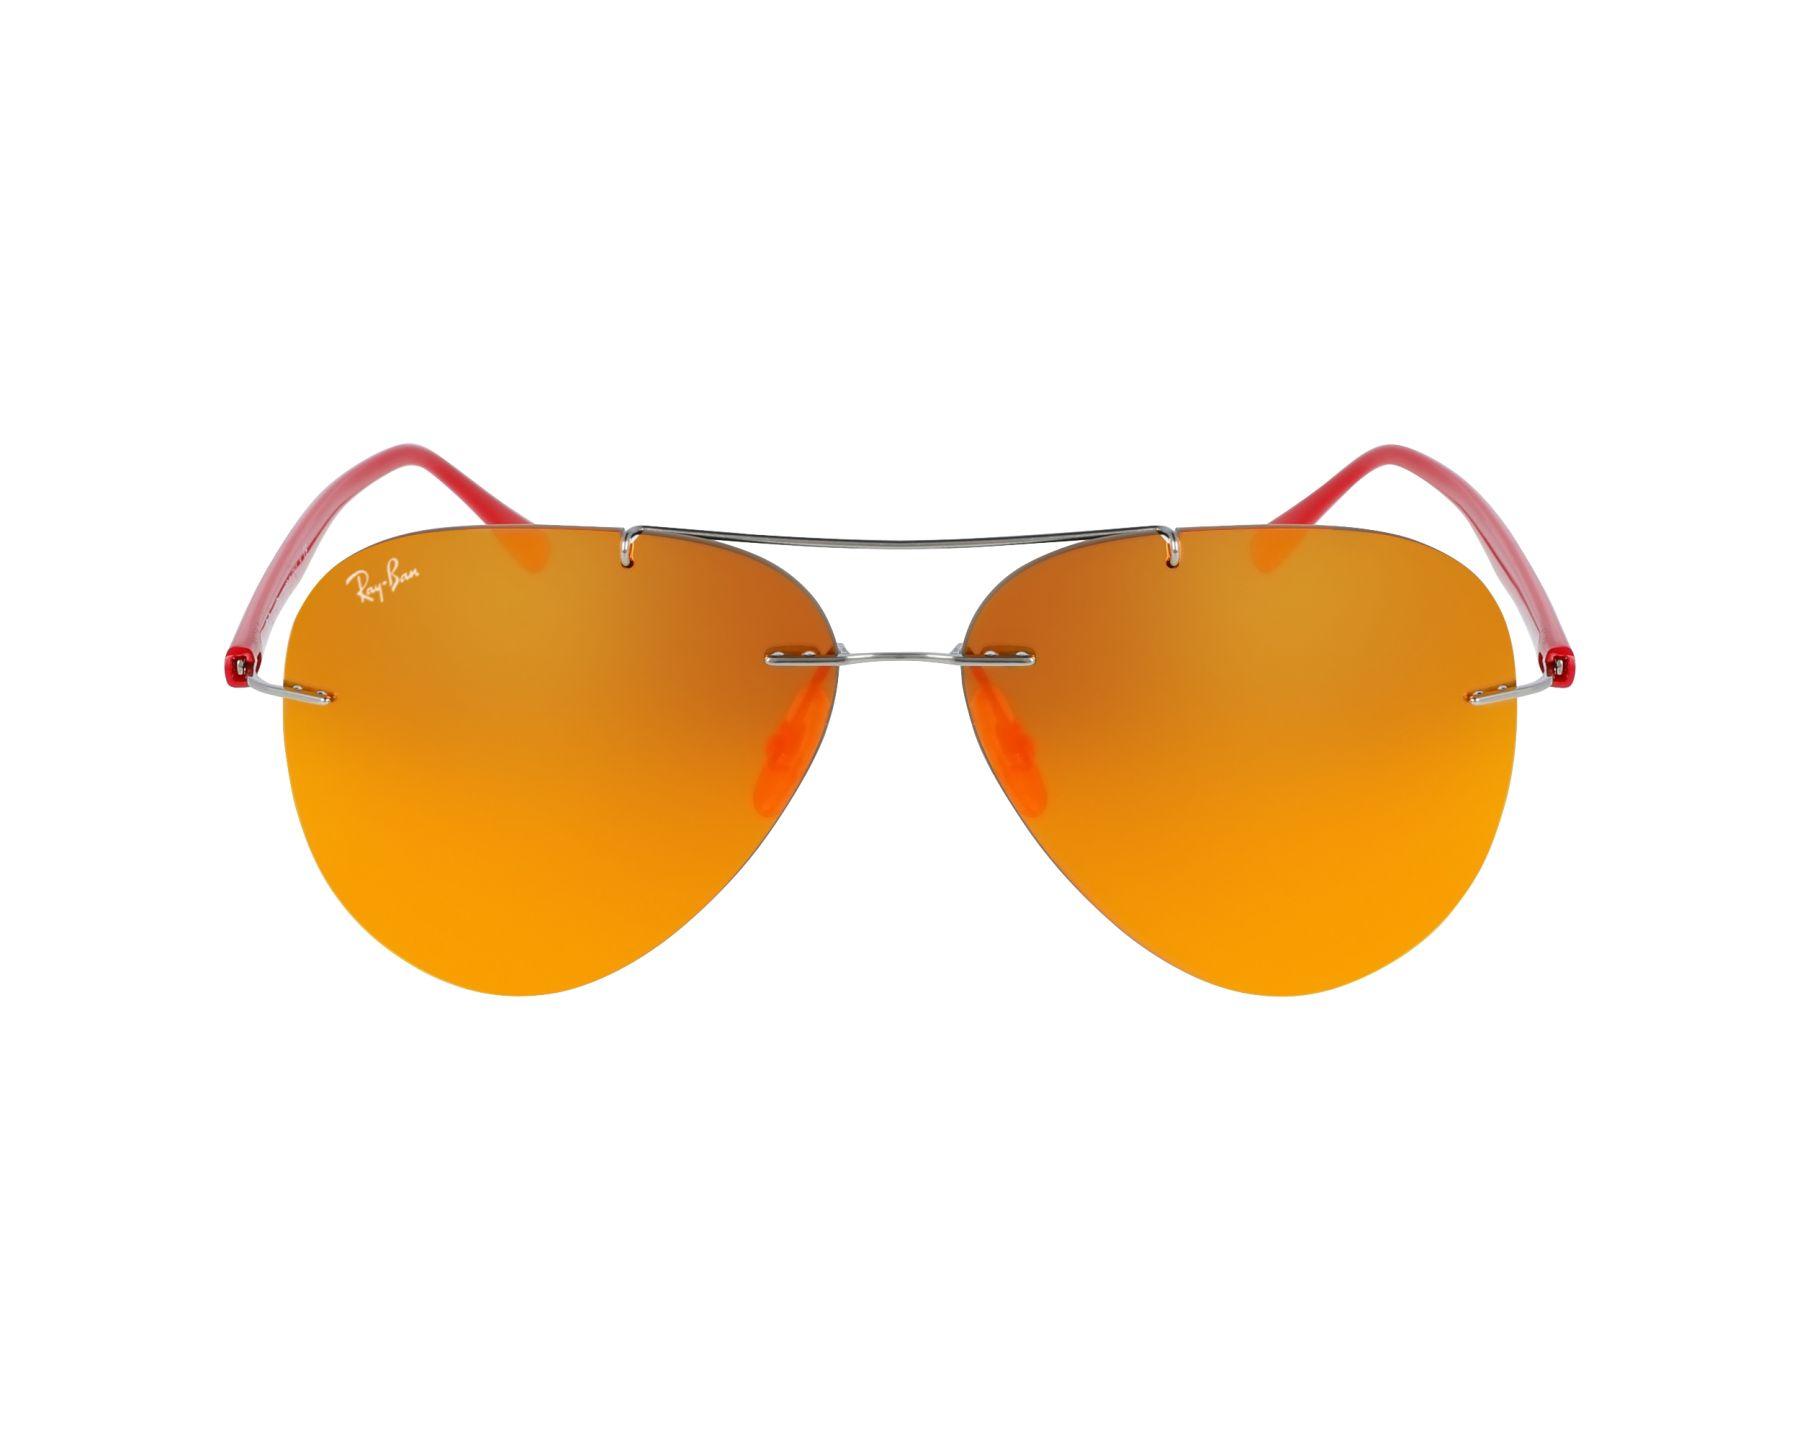 a3866db6d3904 Gafas de sol Ray-Ban RB-8058 159 6Q 59-13 Plata